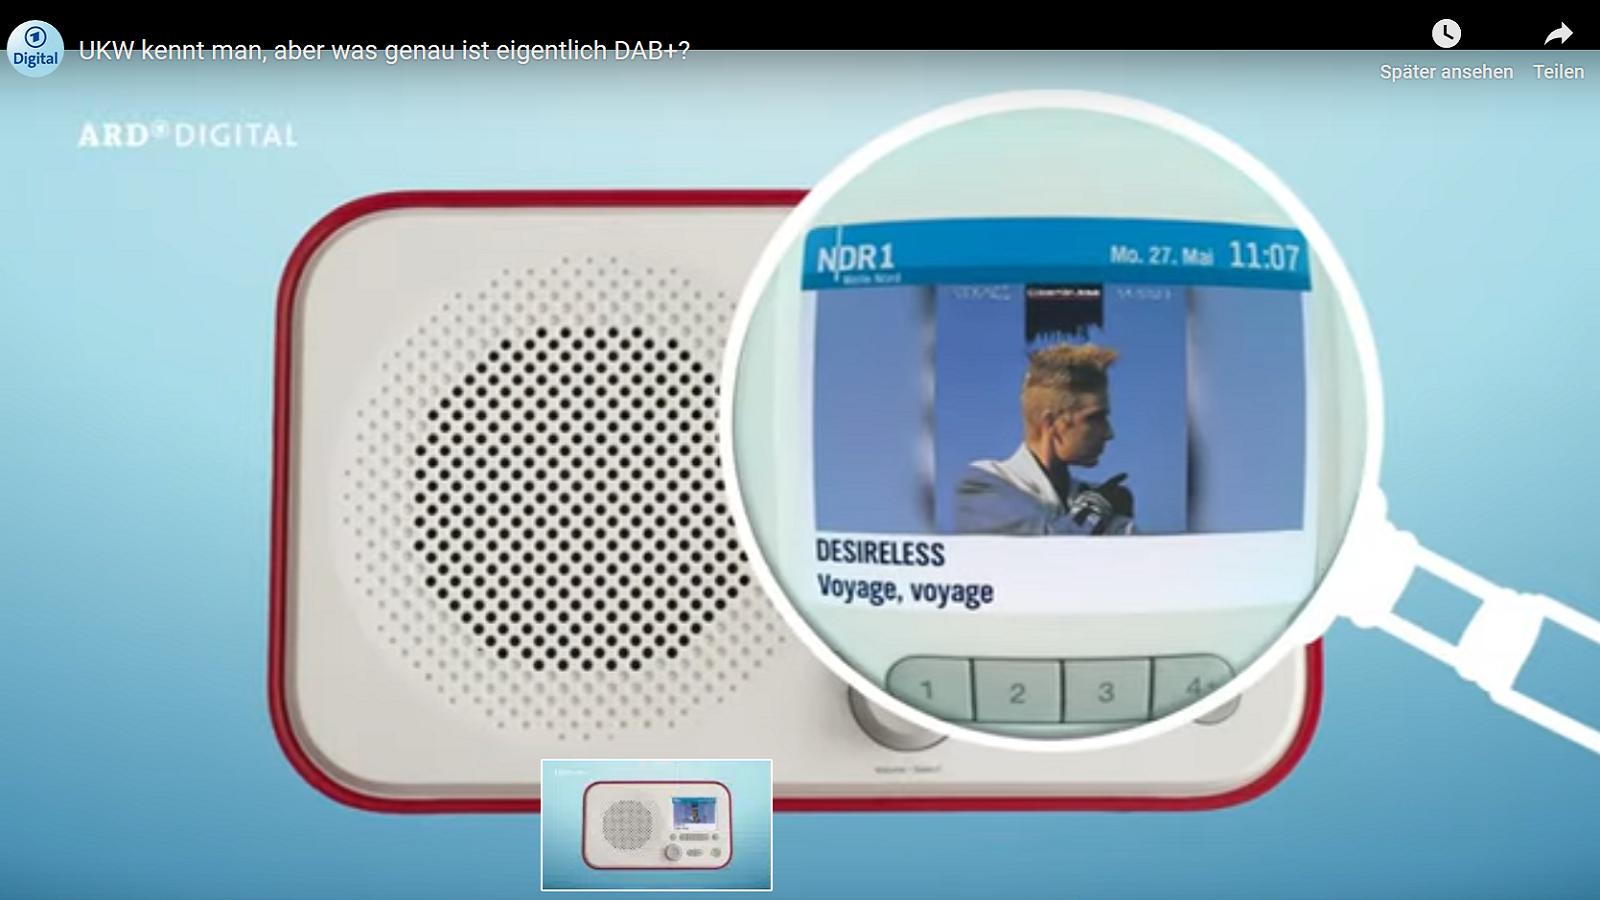 Zu Wenig Innovation Im Digitalen Radio M Menschen Machen Medien Ver Di